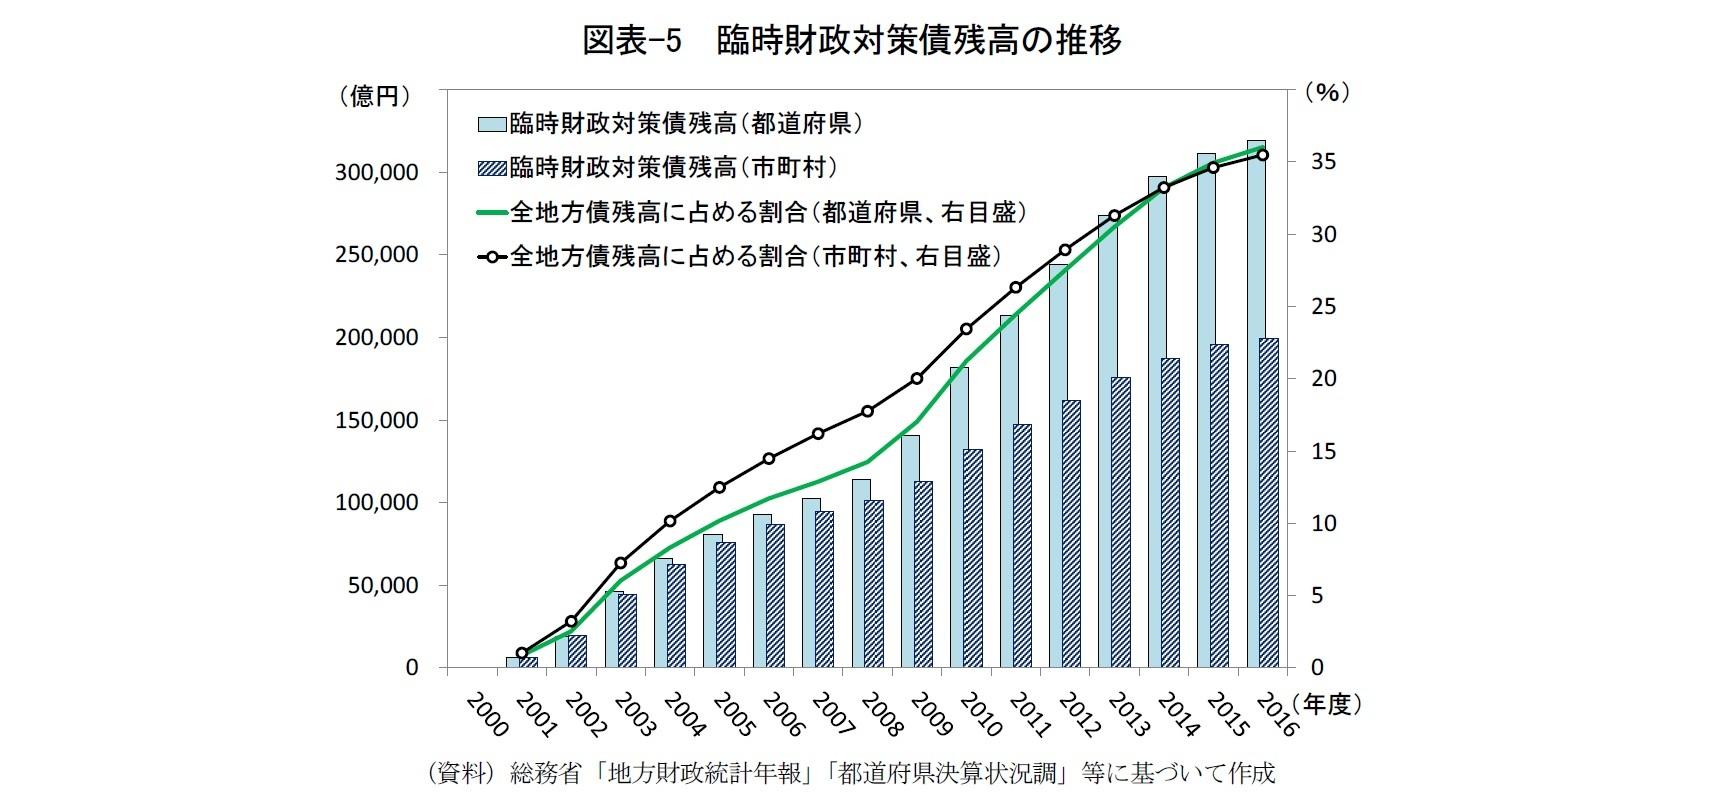 図表-5  臨時財政対策債残高の推移